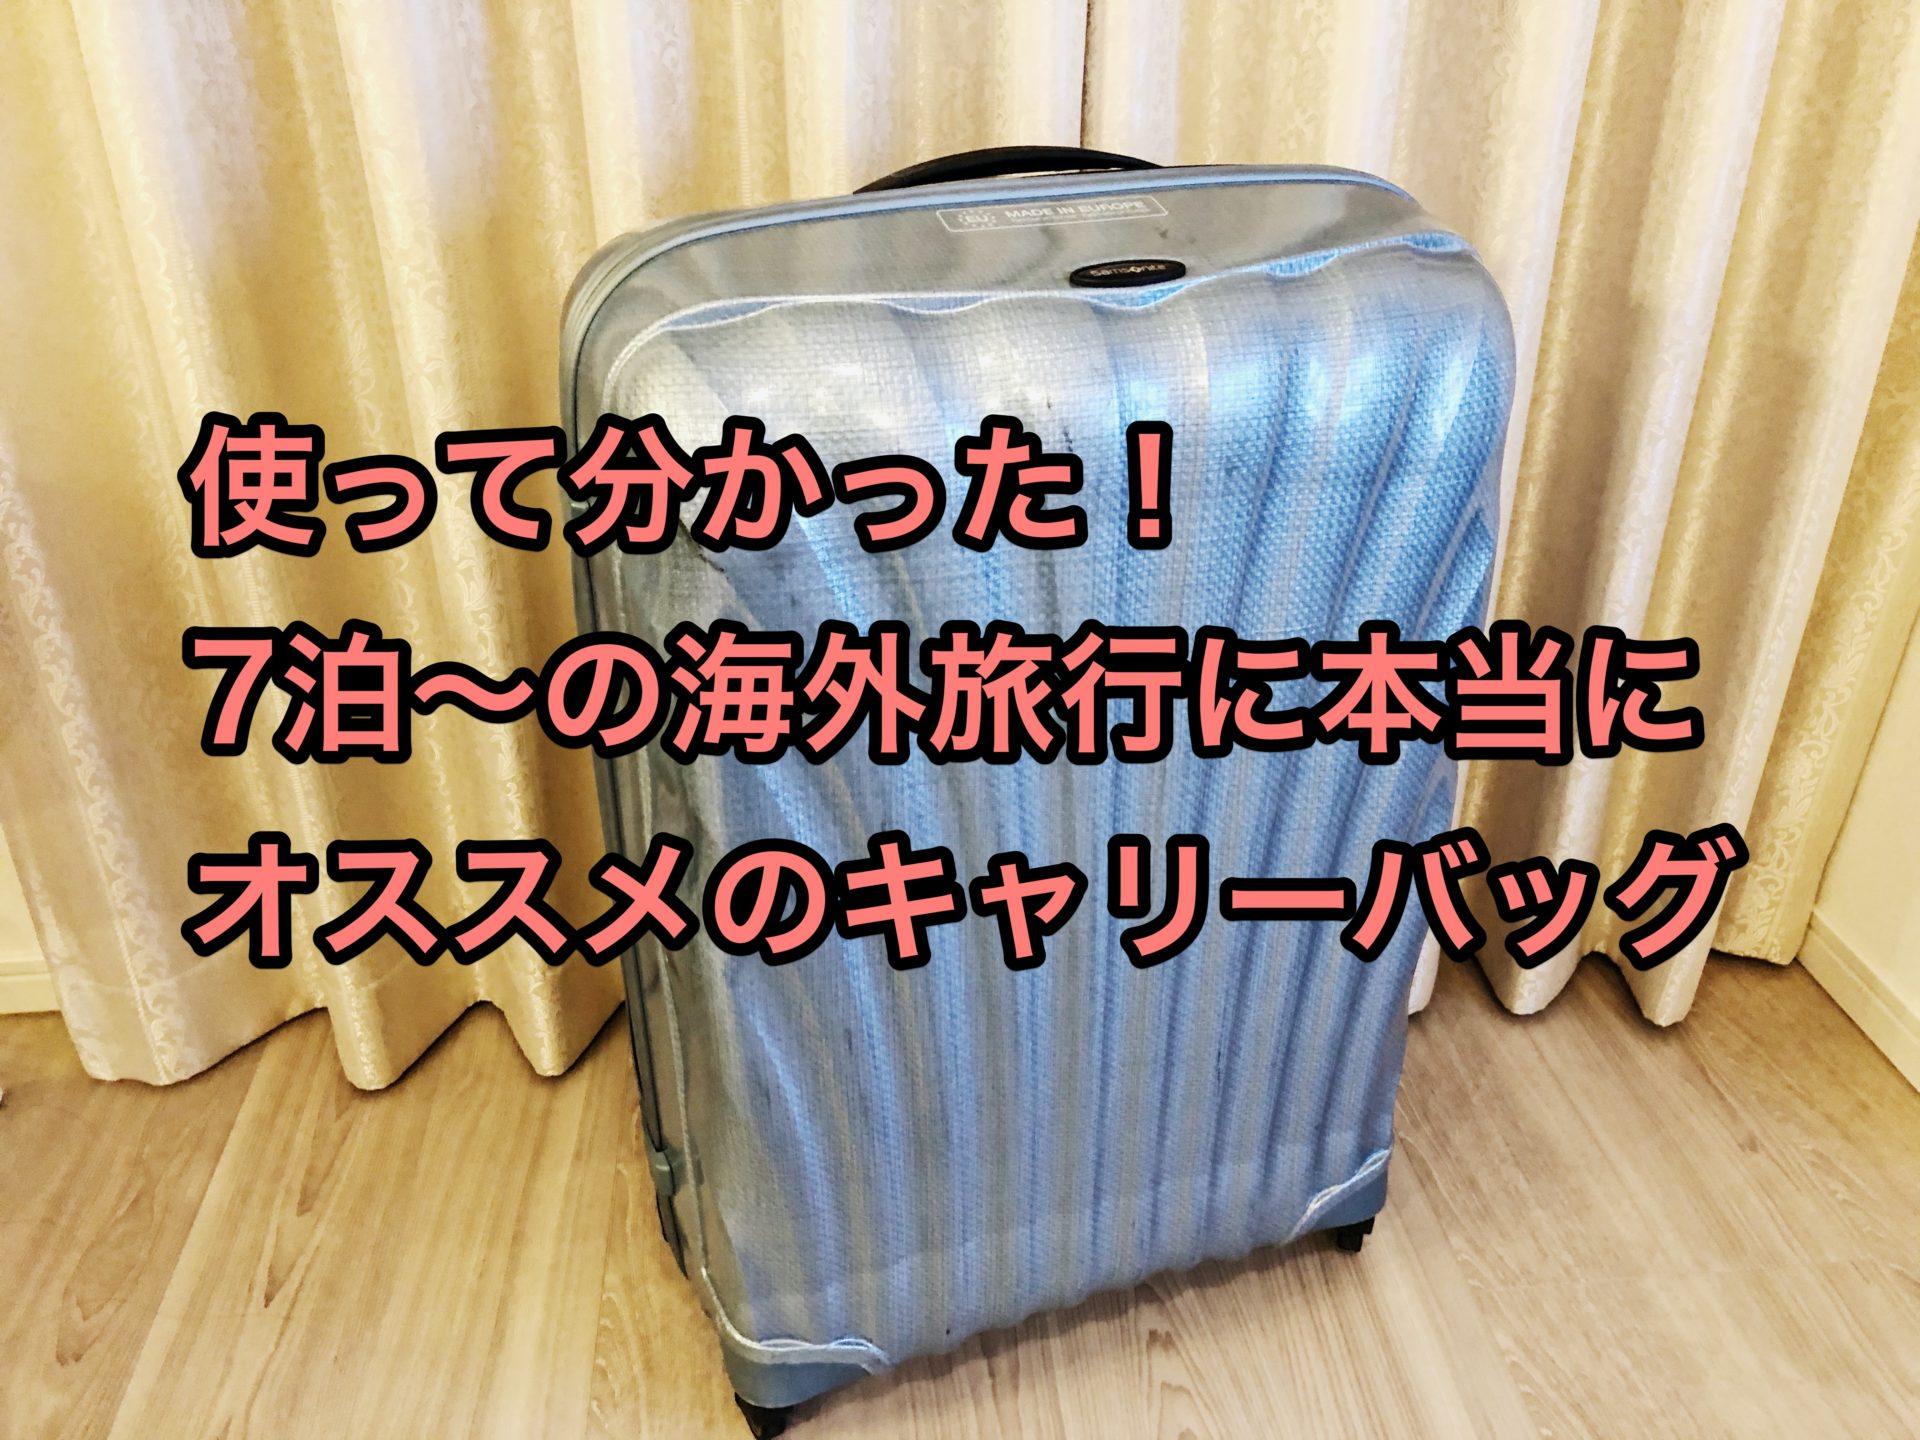 海外旅行用にキャリーバッグ を買おうとしてる方ちょっと待って!実際に2週間の旅行で使って分かった、サムソナイトのコスモライトに絶対にしたほうがいいと思う理由。